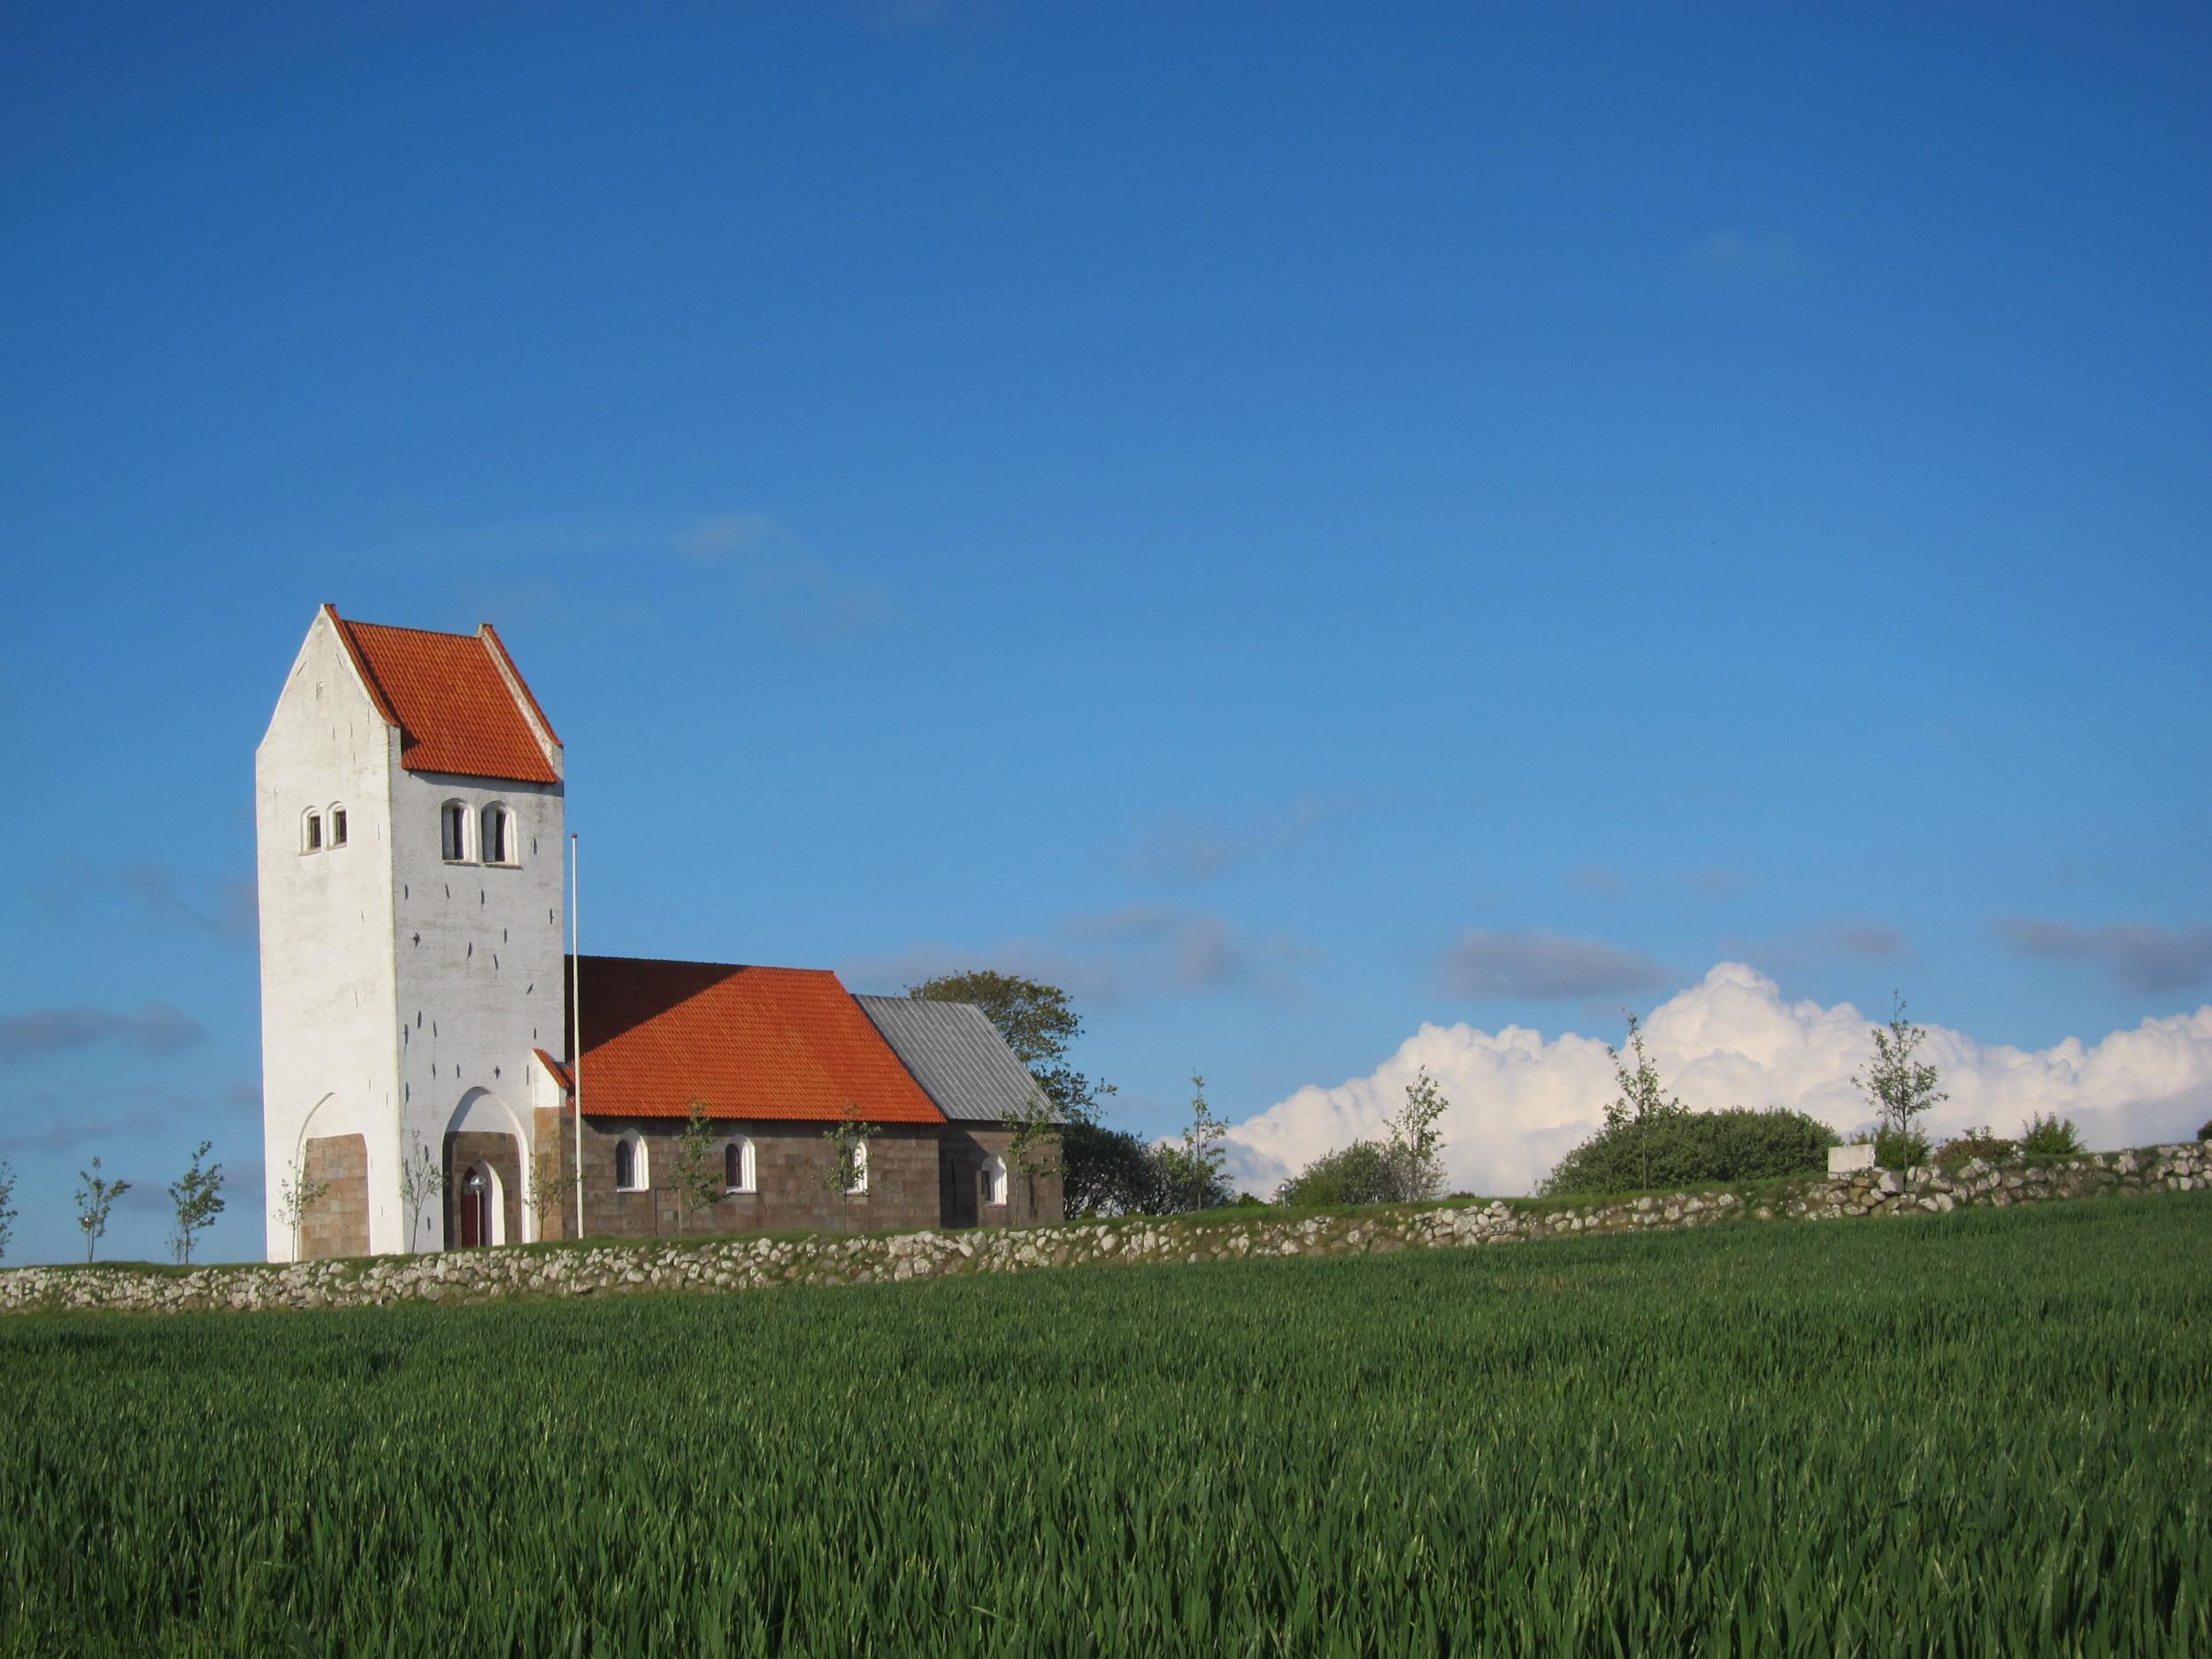 VillageChurch-Denmark-CreditMargueriteRichards